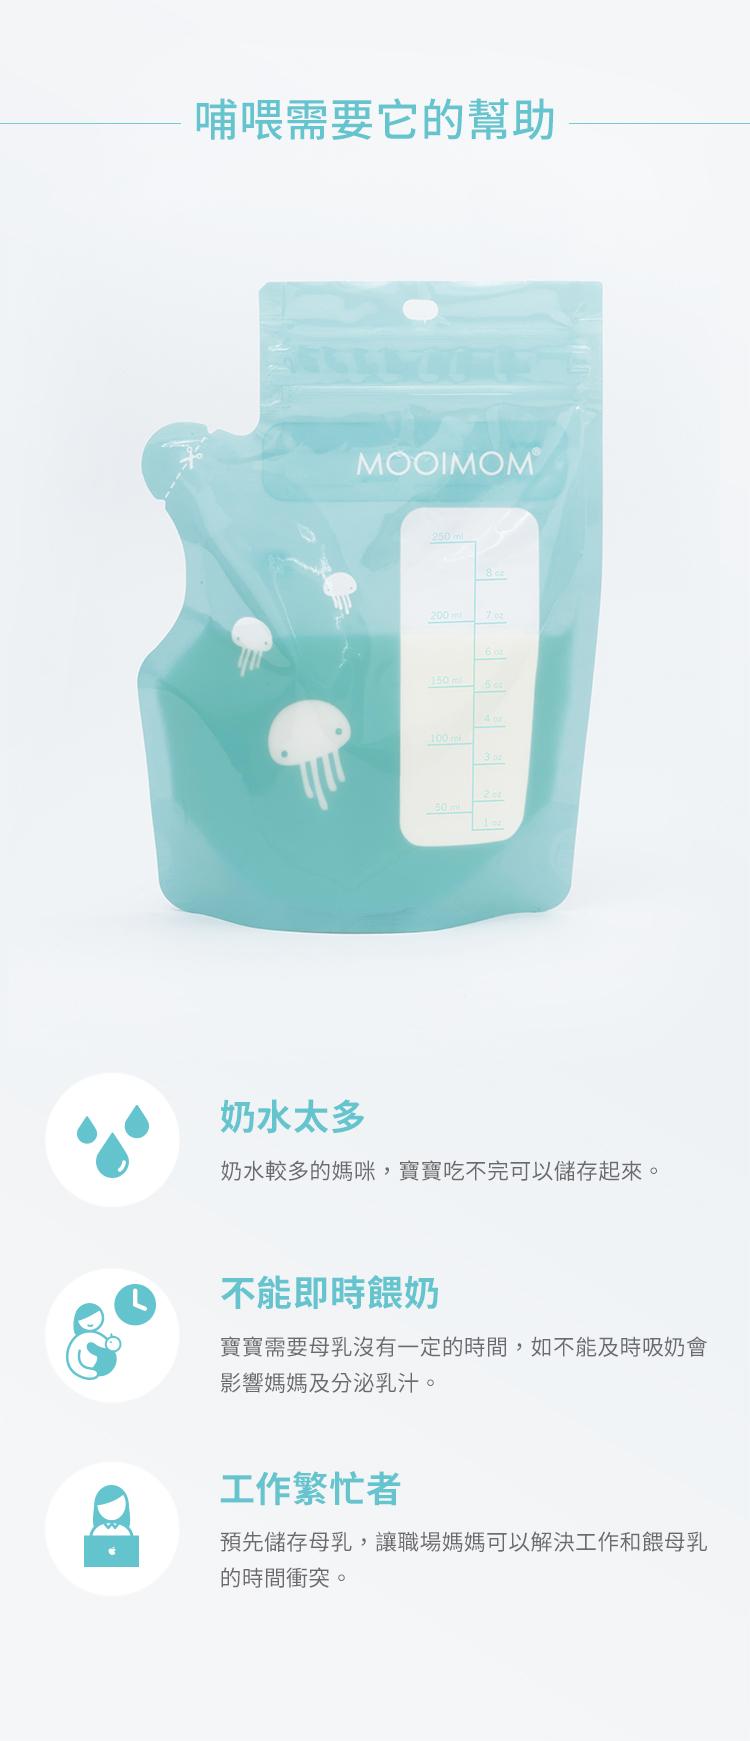 母乳袋, 站立式壺形母乳袋, 母乳, 哺乳, 哺餵, 新生兒, 不能即時餵奶, 工作繁忙者